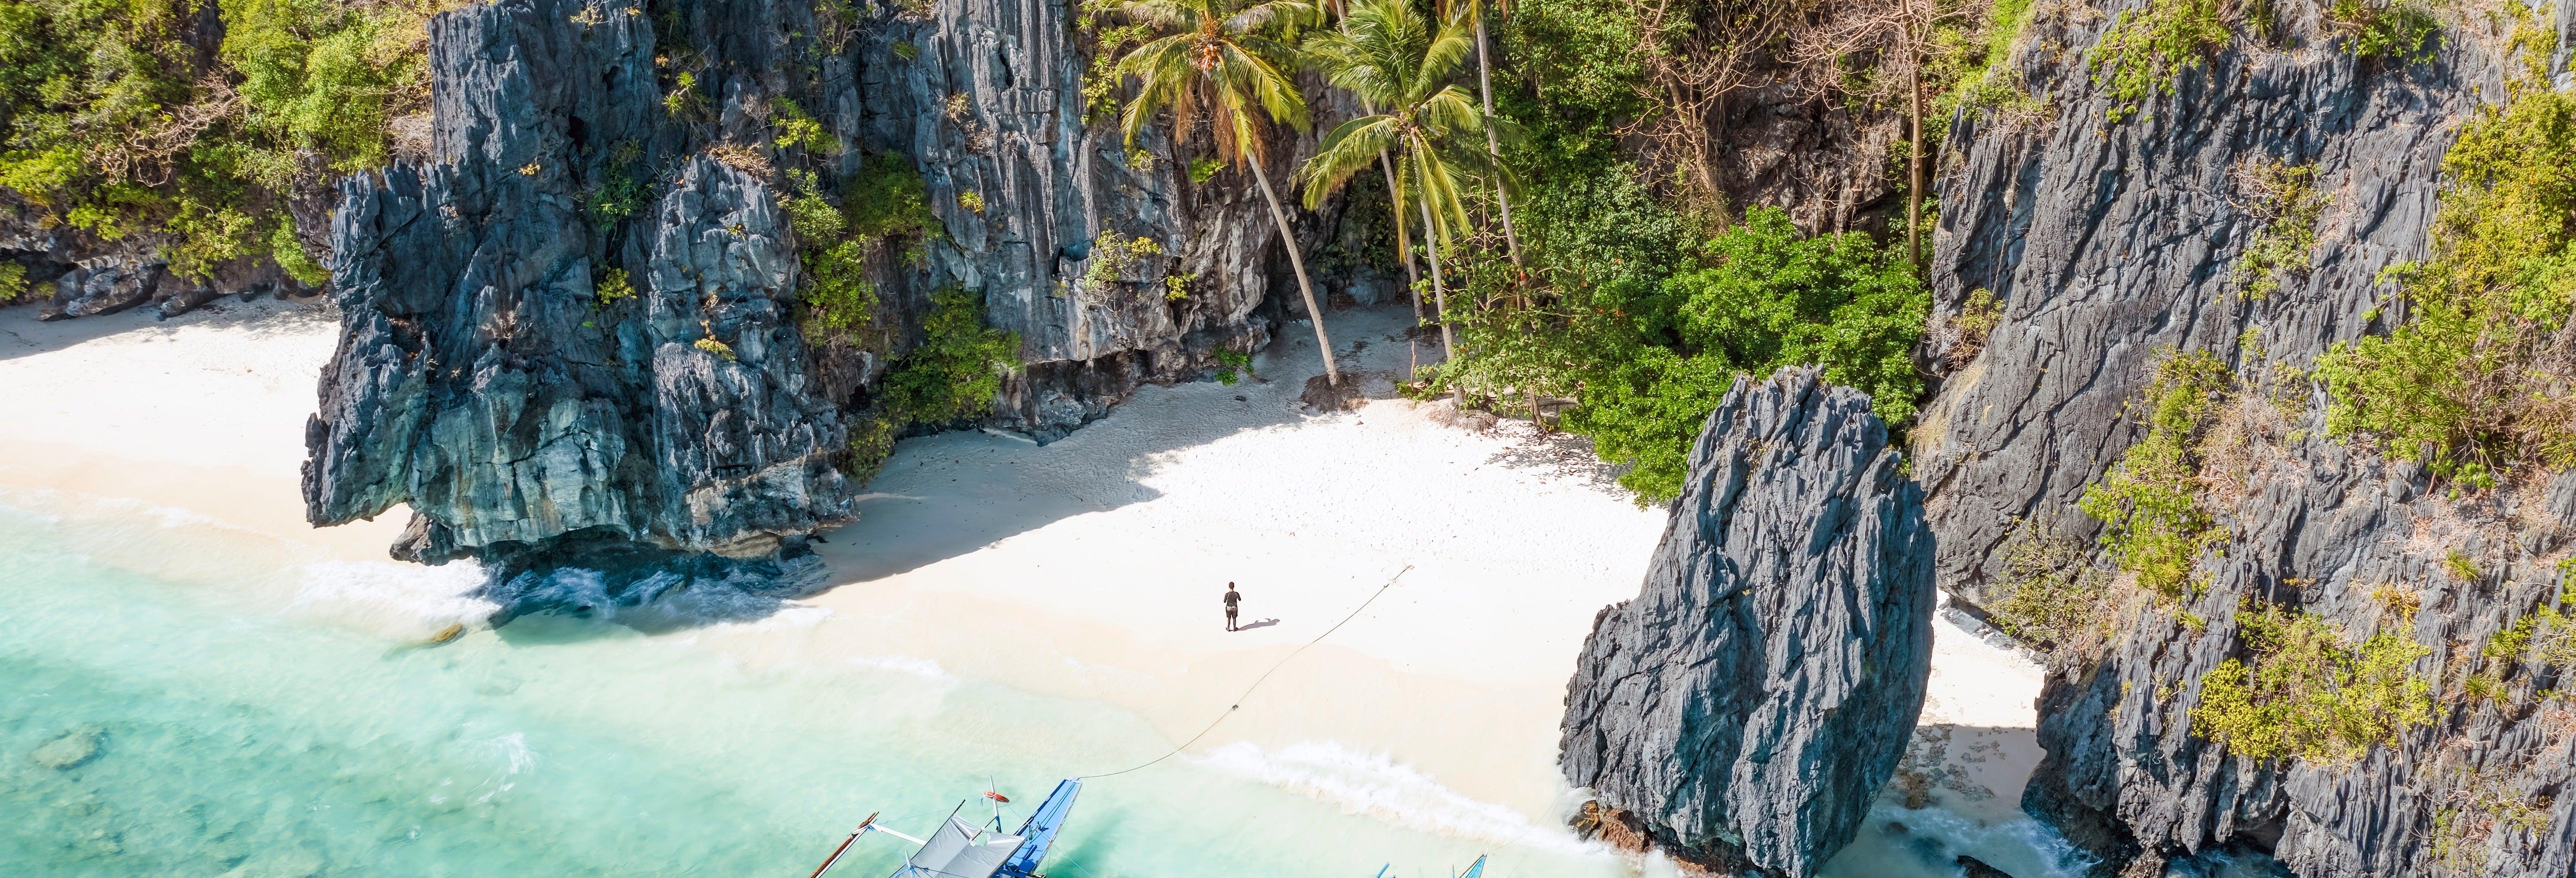 El Nido Islands Tour